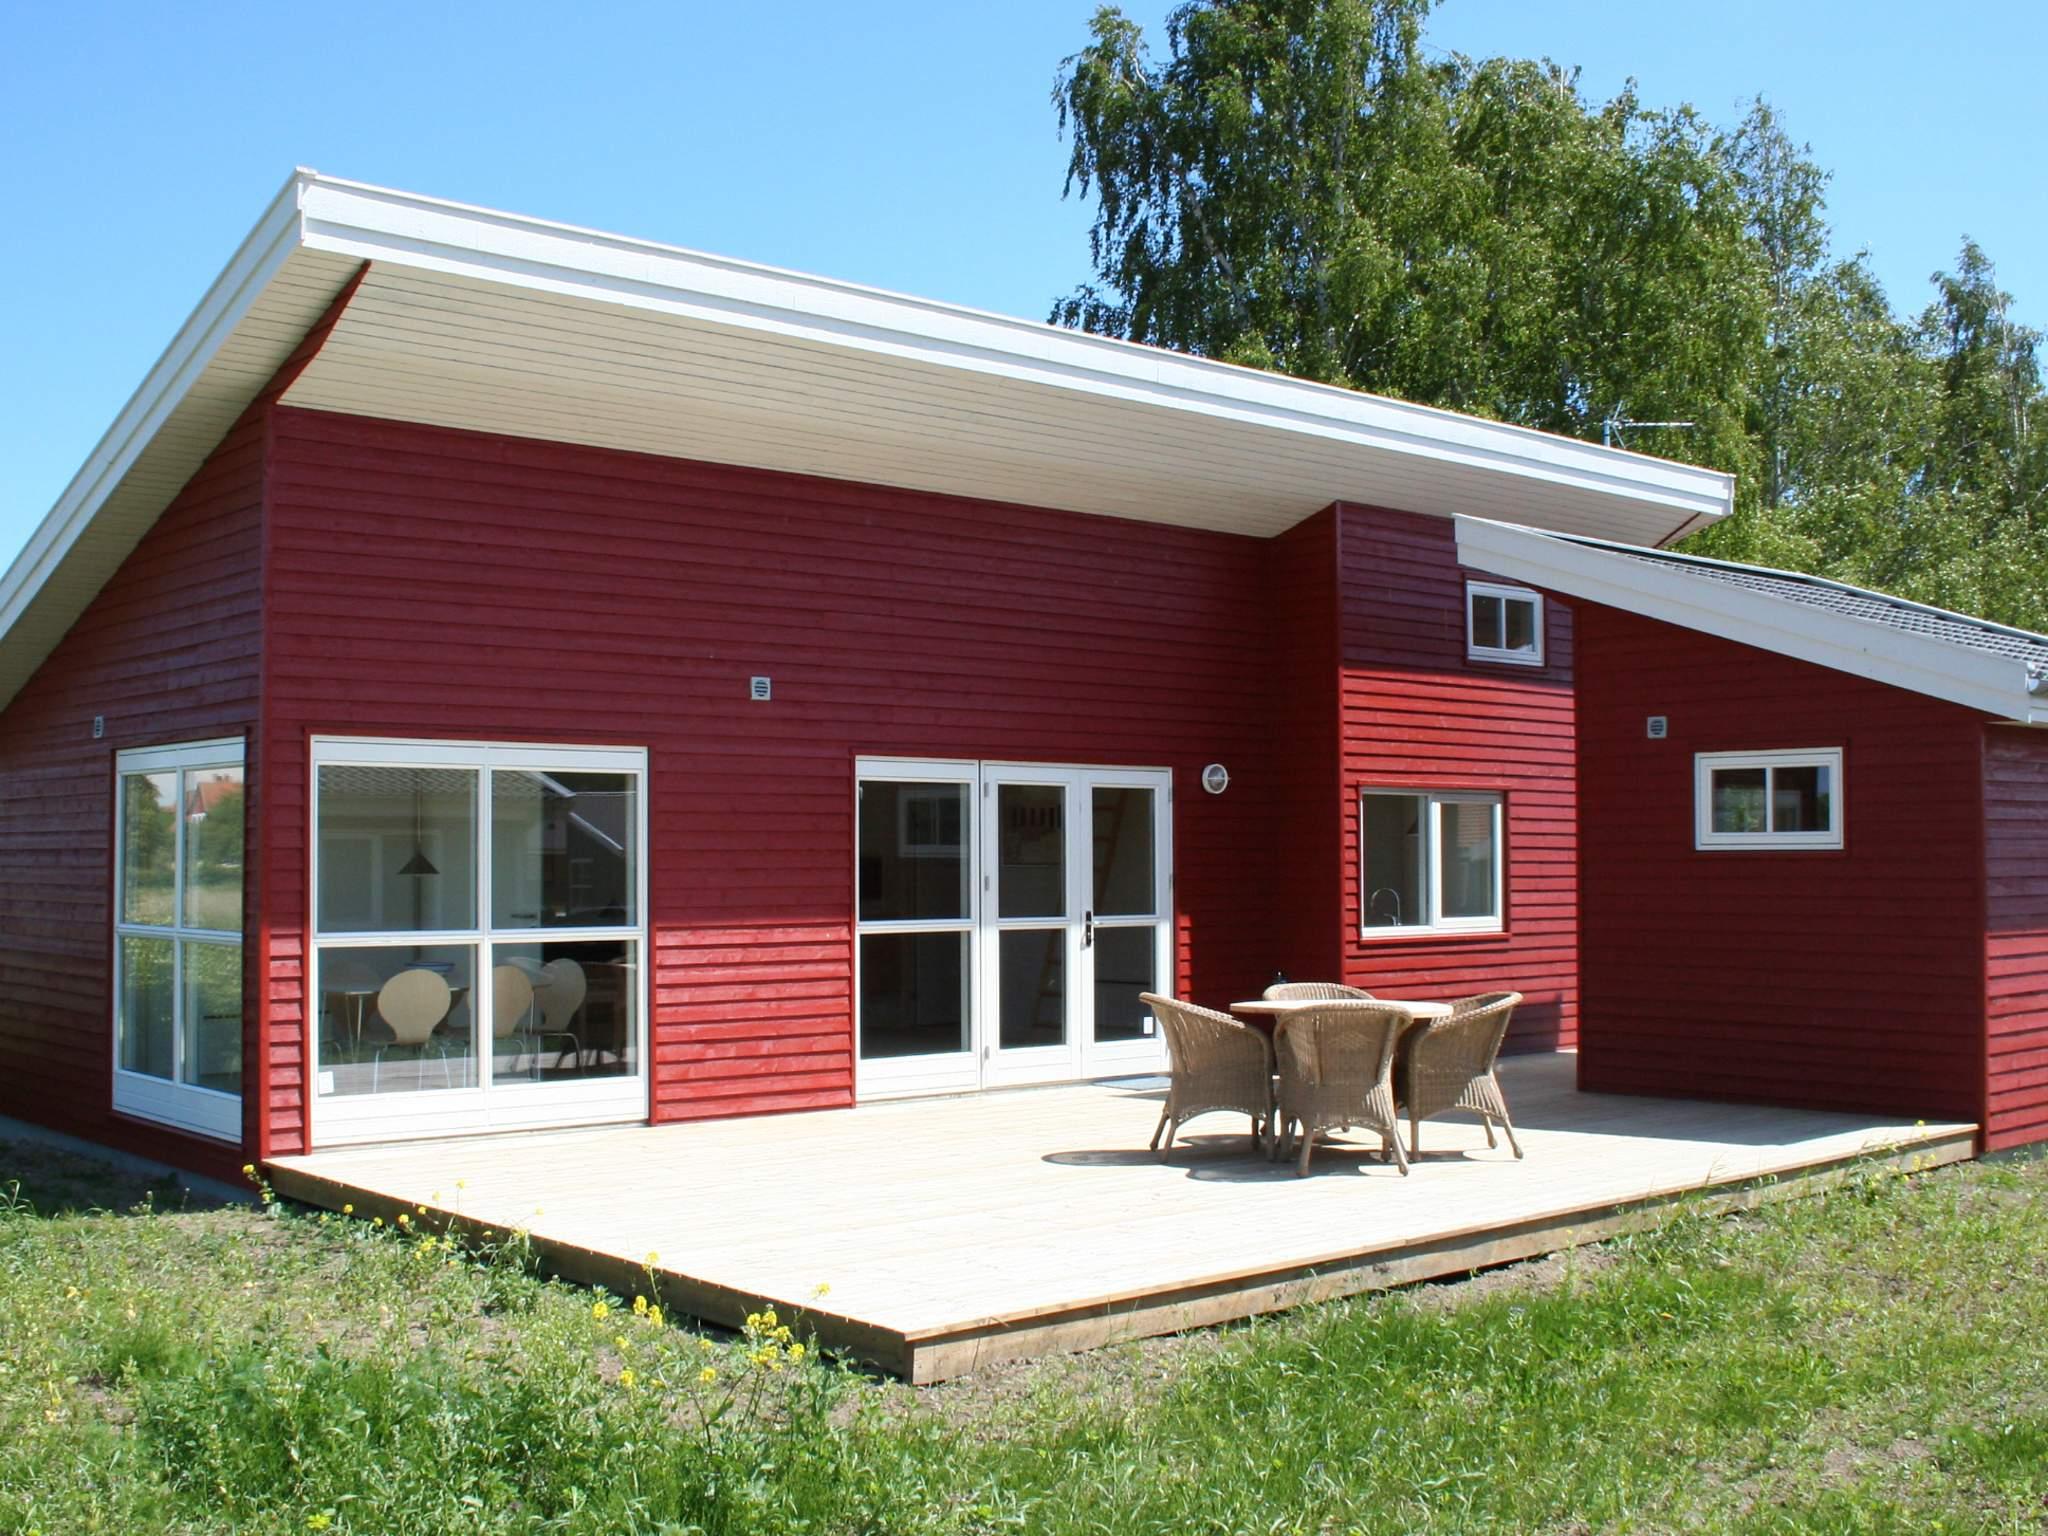 Ferienhaus Rø/Gudhjem (251661), Gudhjem, , Bornholm, Dänemark, Bild 1